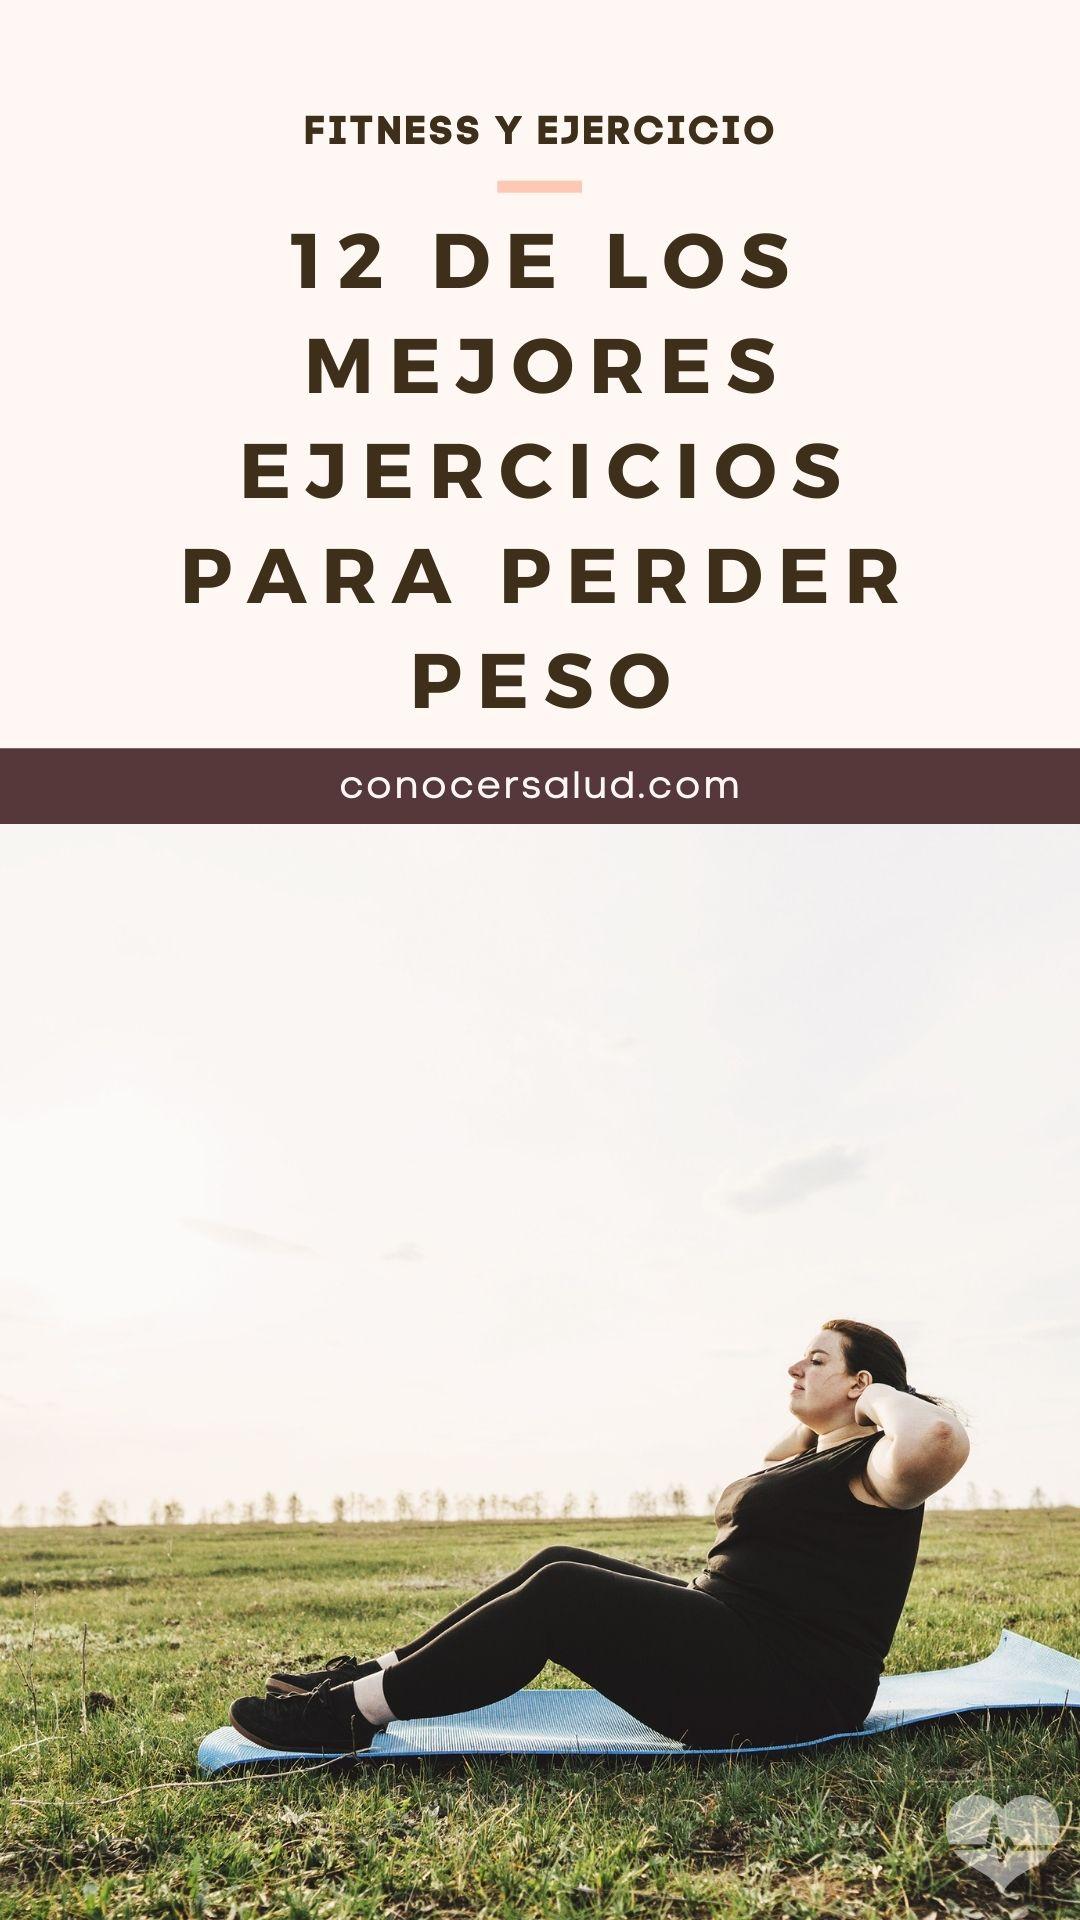 12 de los mejores ejercicios para perder peso